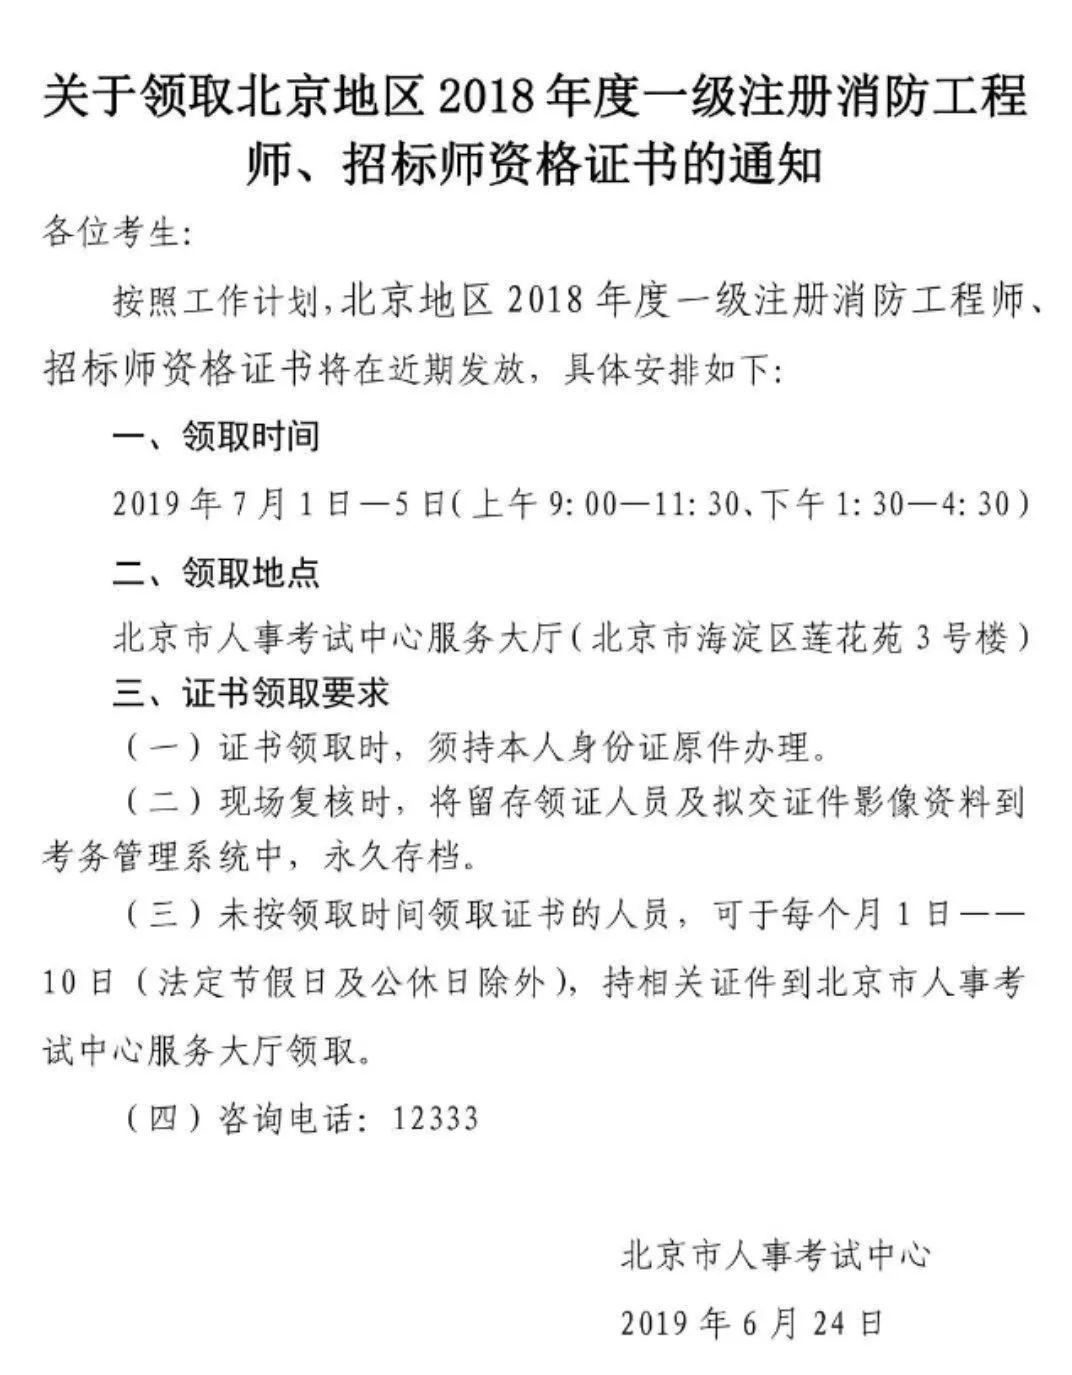 消防安全检查合格证图片_办公用品_生活百科_图行天下图库